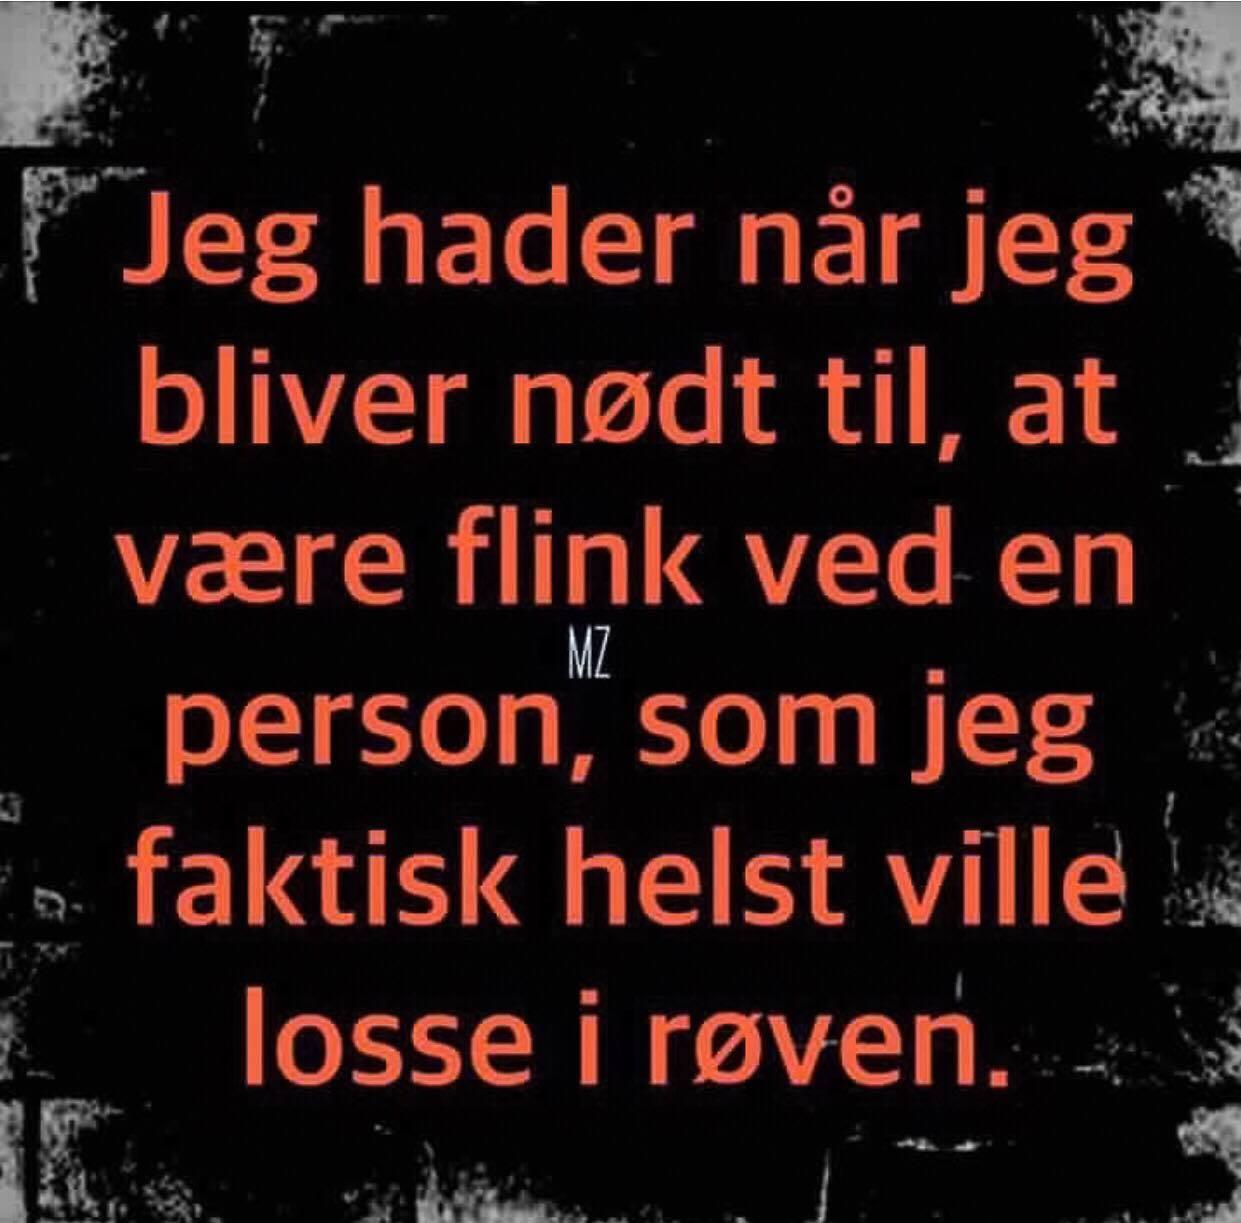 jeg hader dig citater flink   Danmarks bedste citater, digte og ordsprog, Samlet på  jeg hader dig citater